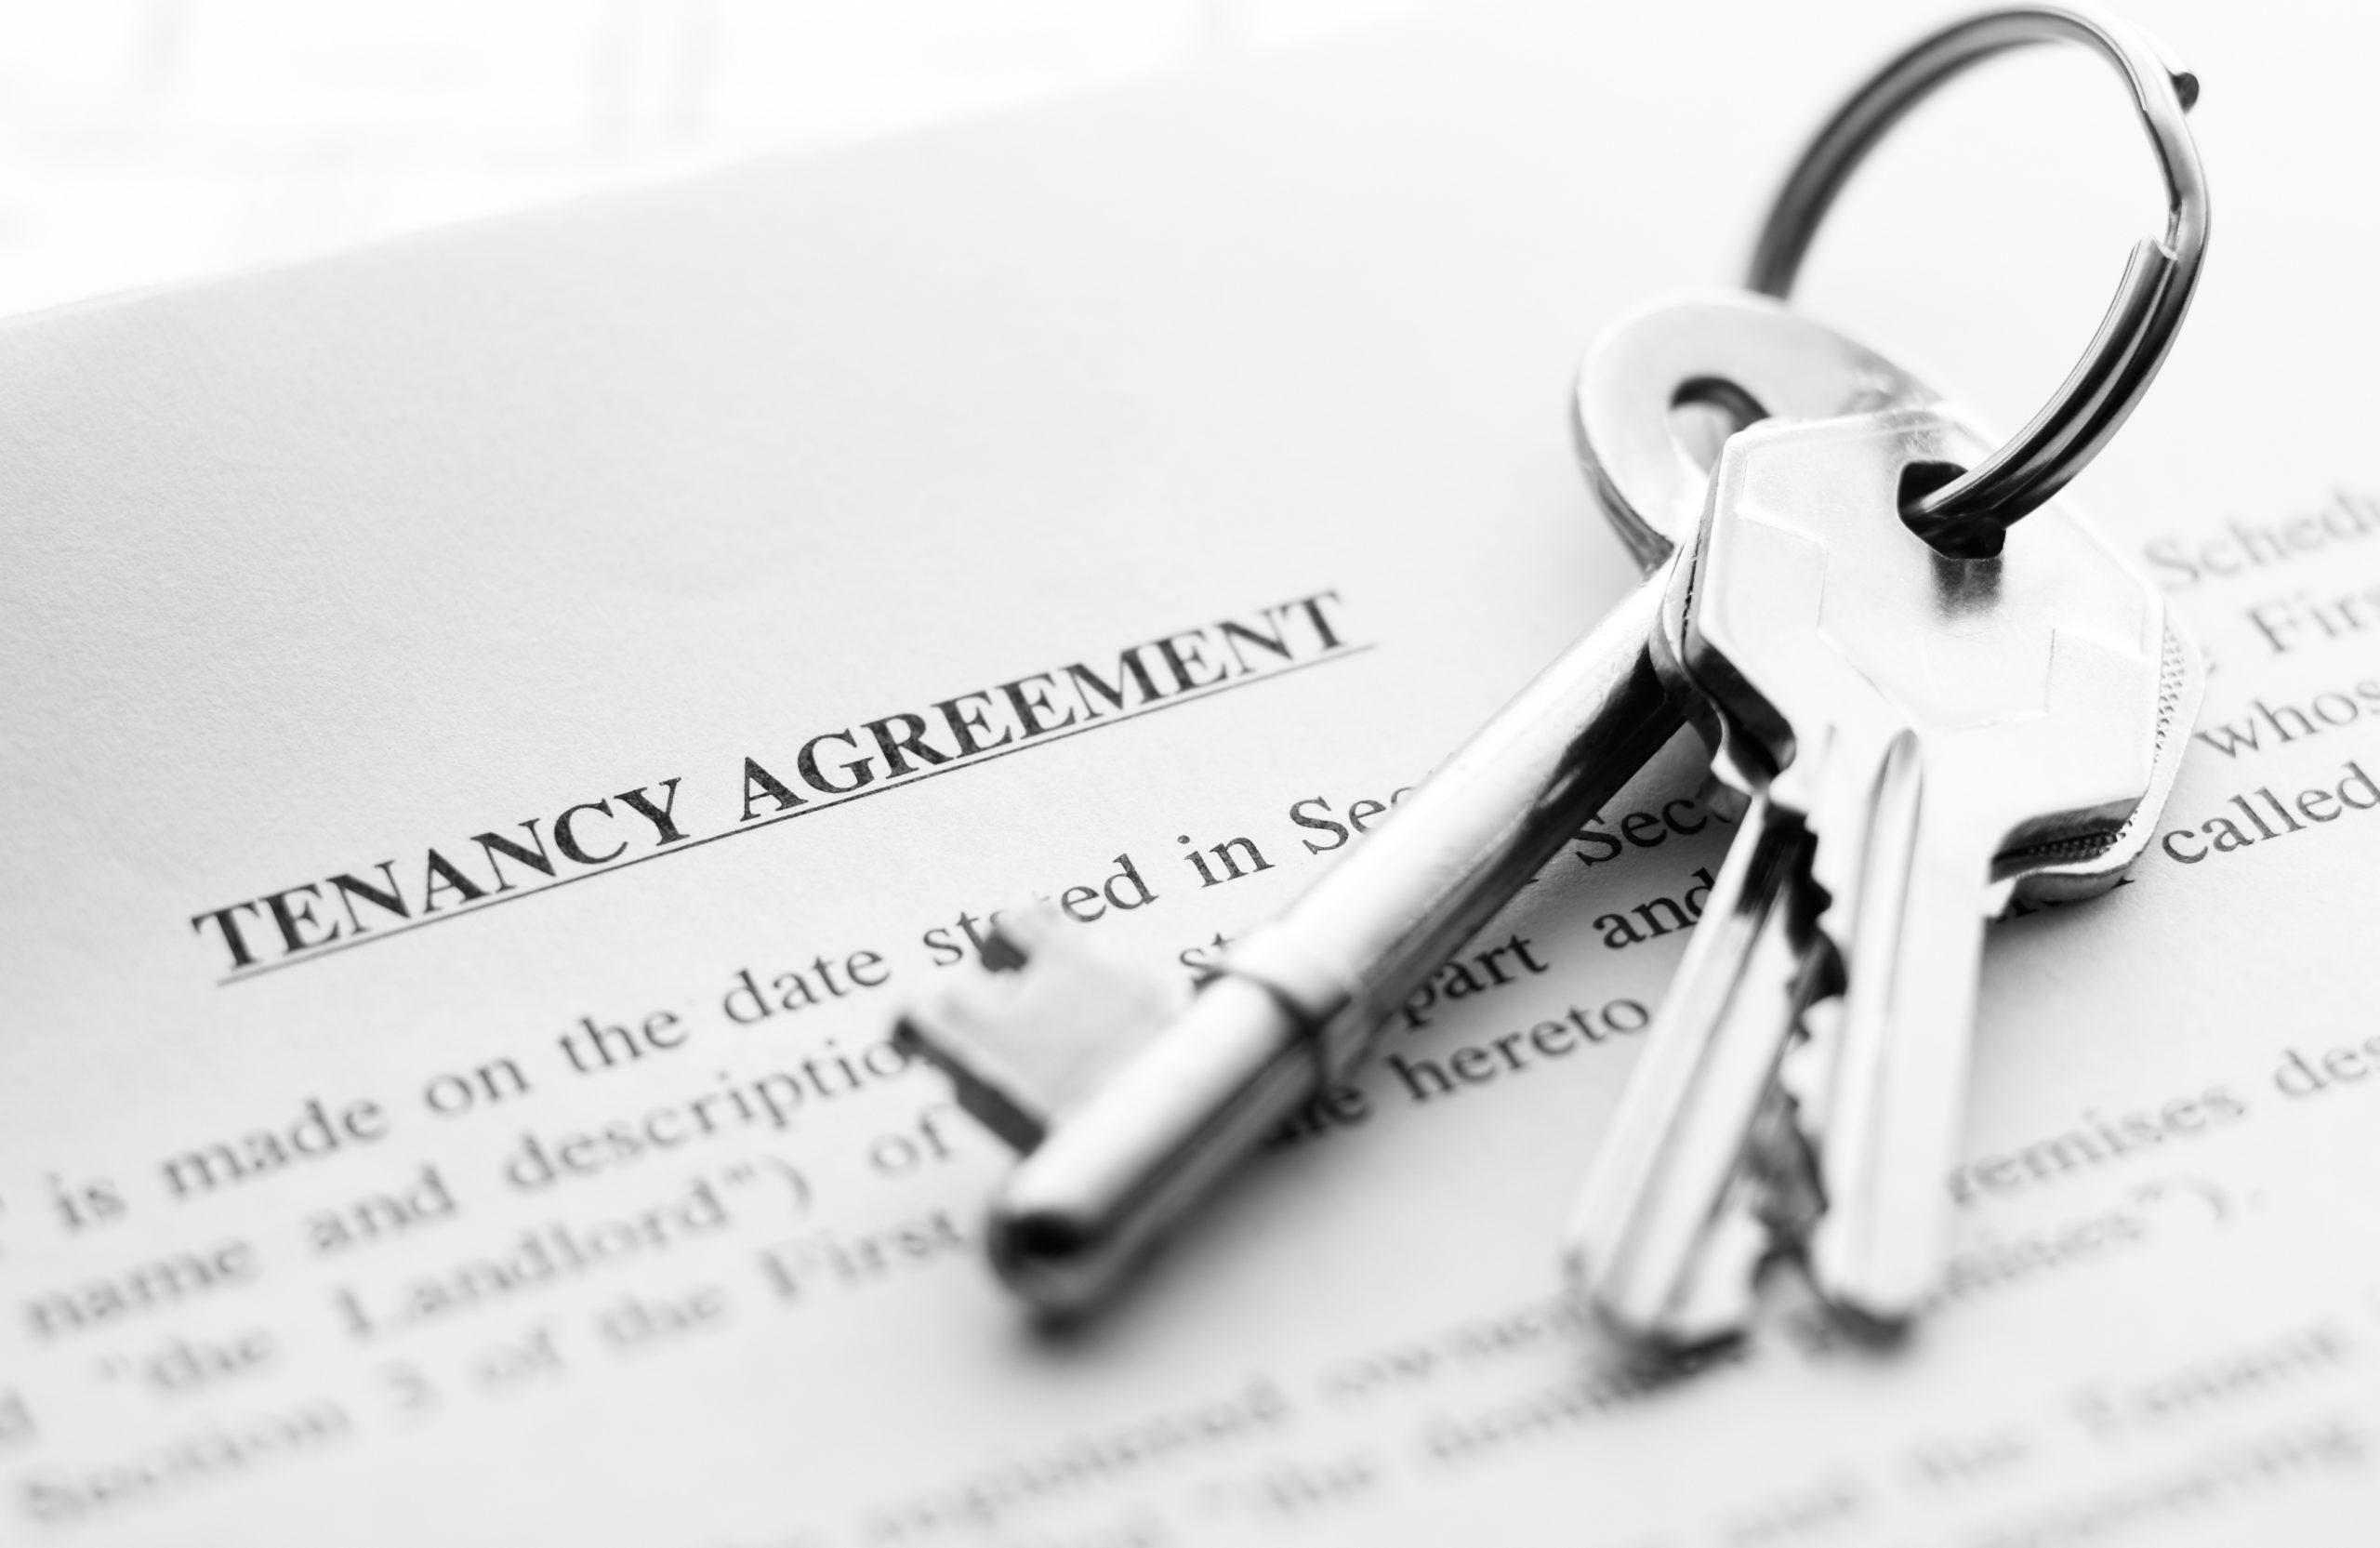 Tenancy Agreement Malaysia - Contoh surat perjanjian sewa rumah yang ringkas